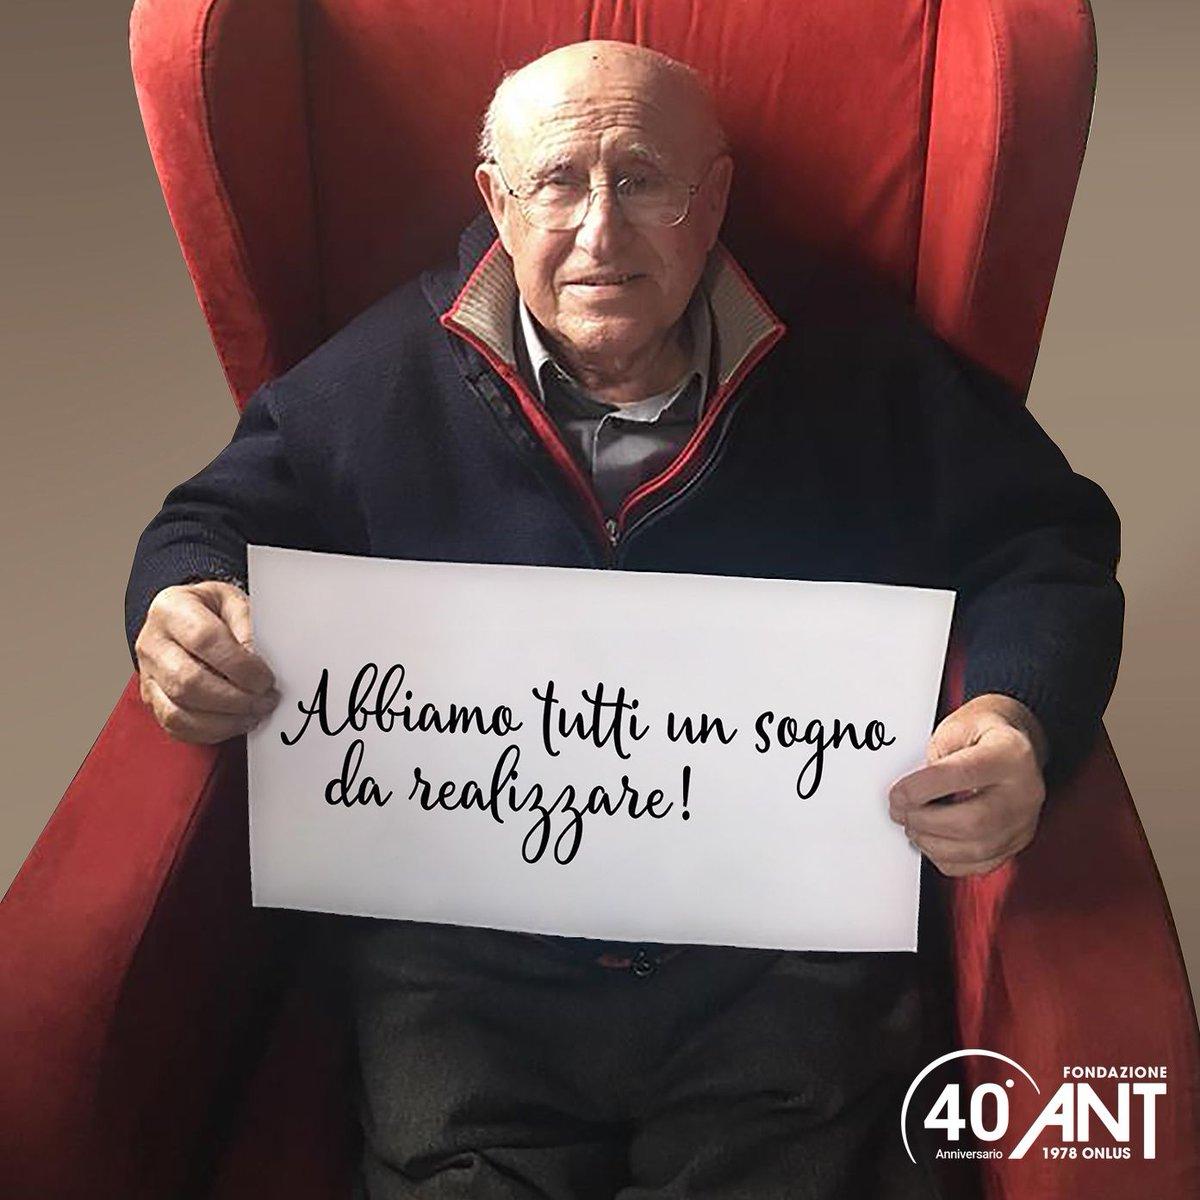 E' mancato il professor Franco Pannuti, fondatore di ANT